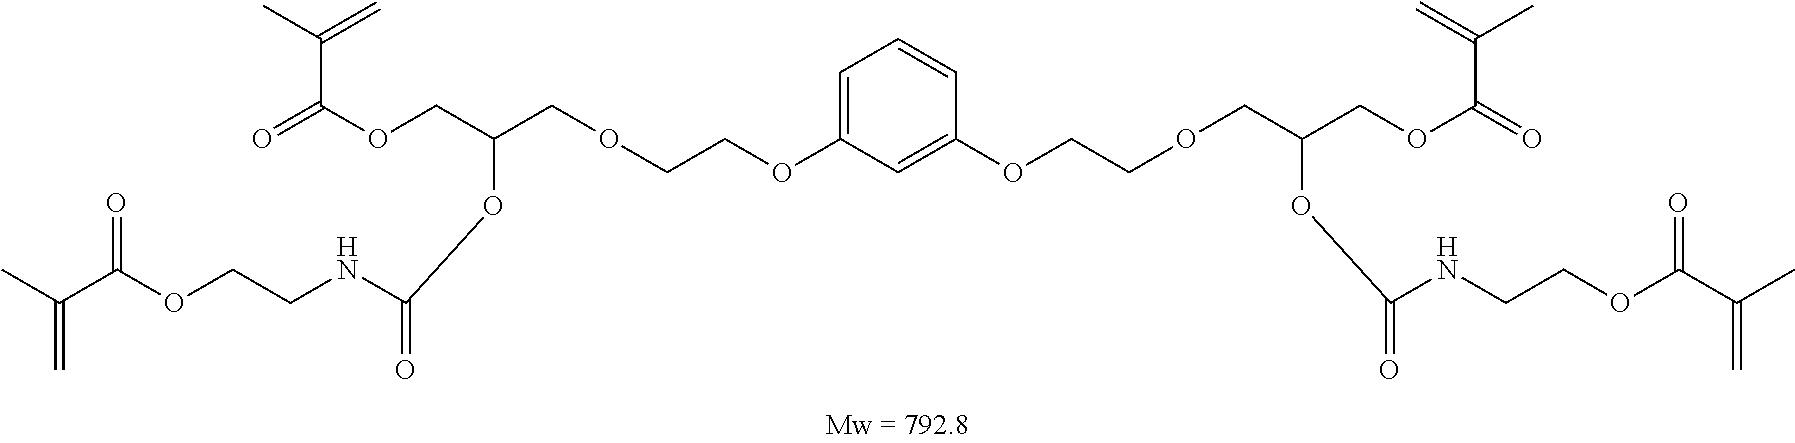 Figure US10022306-20180717-C00021